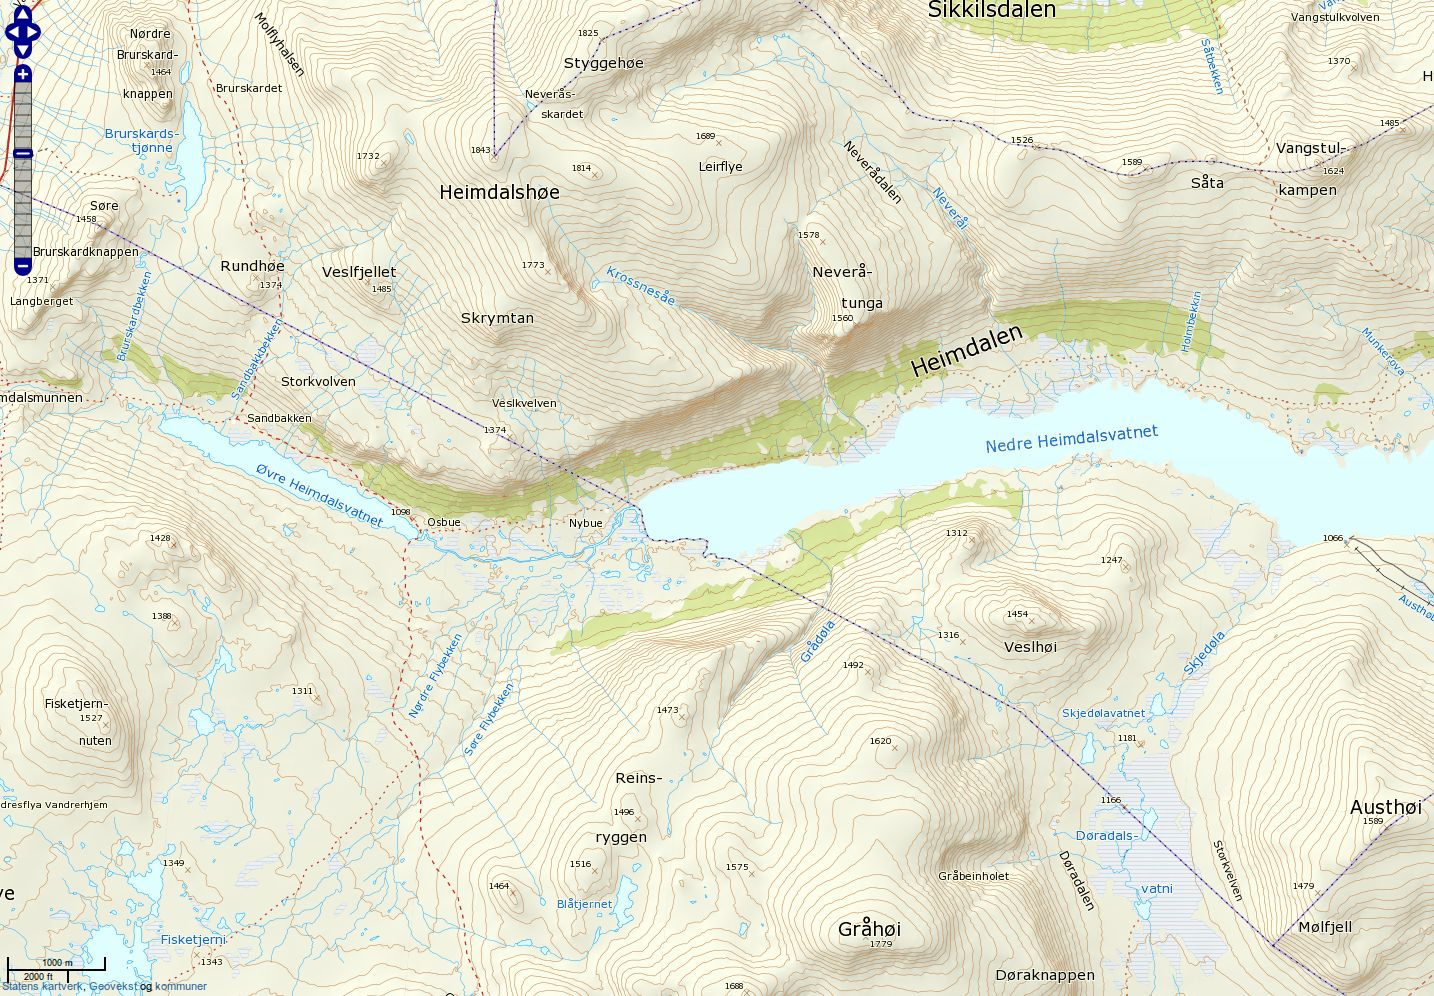 Dette er et skjermskudd fra Kartverkets topografiske kart.